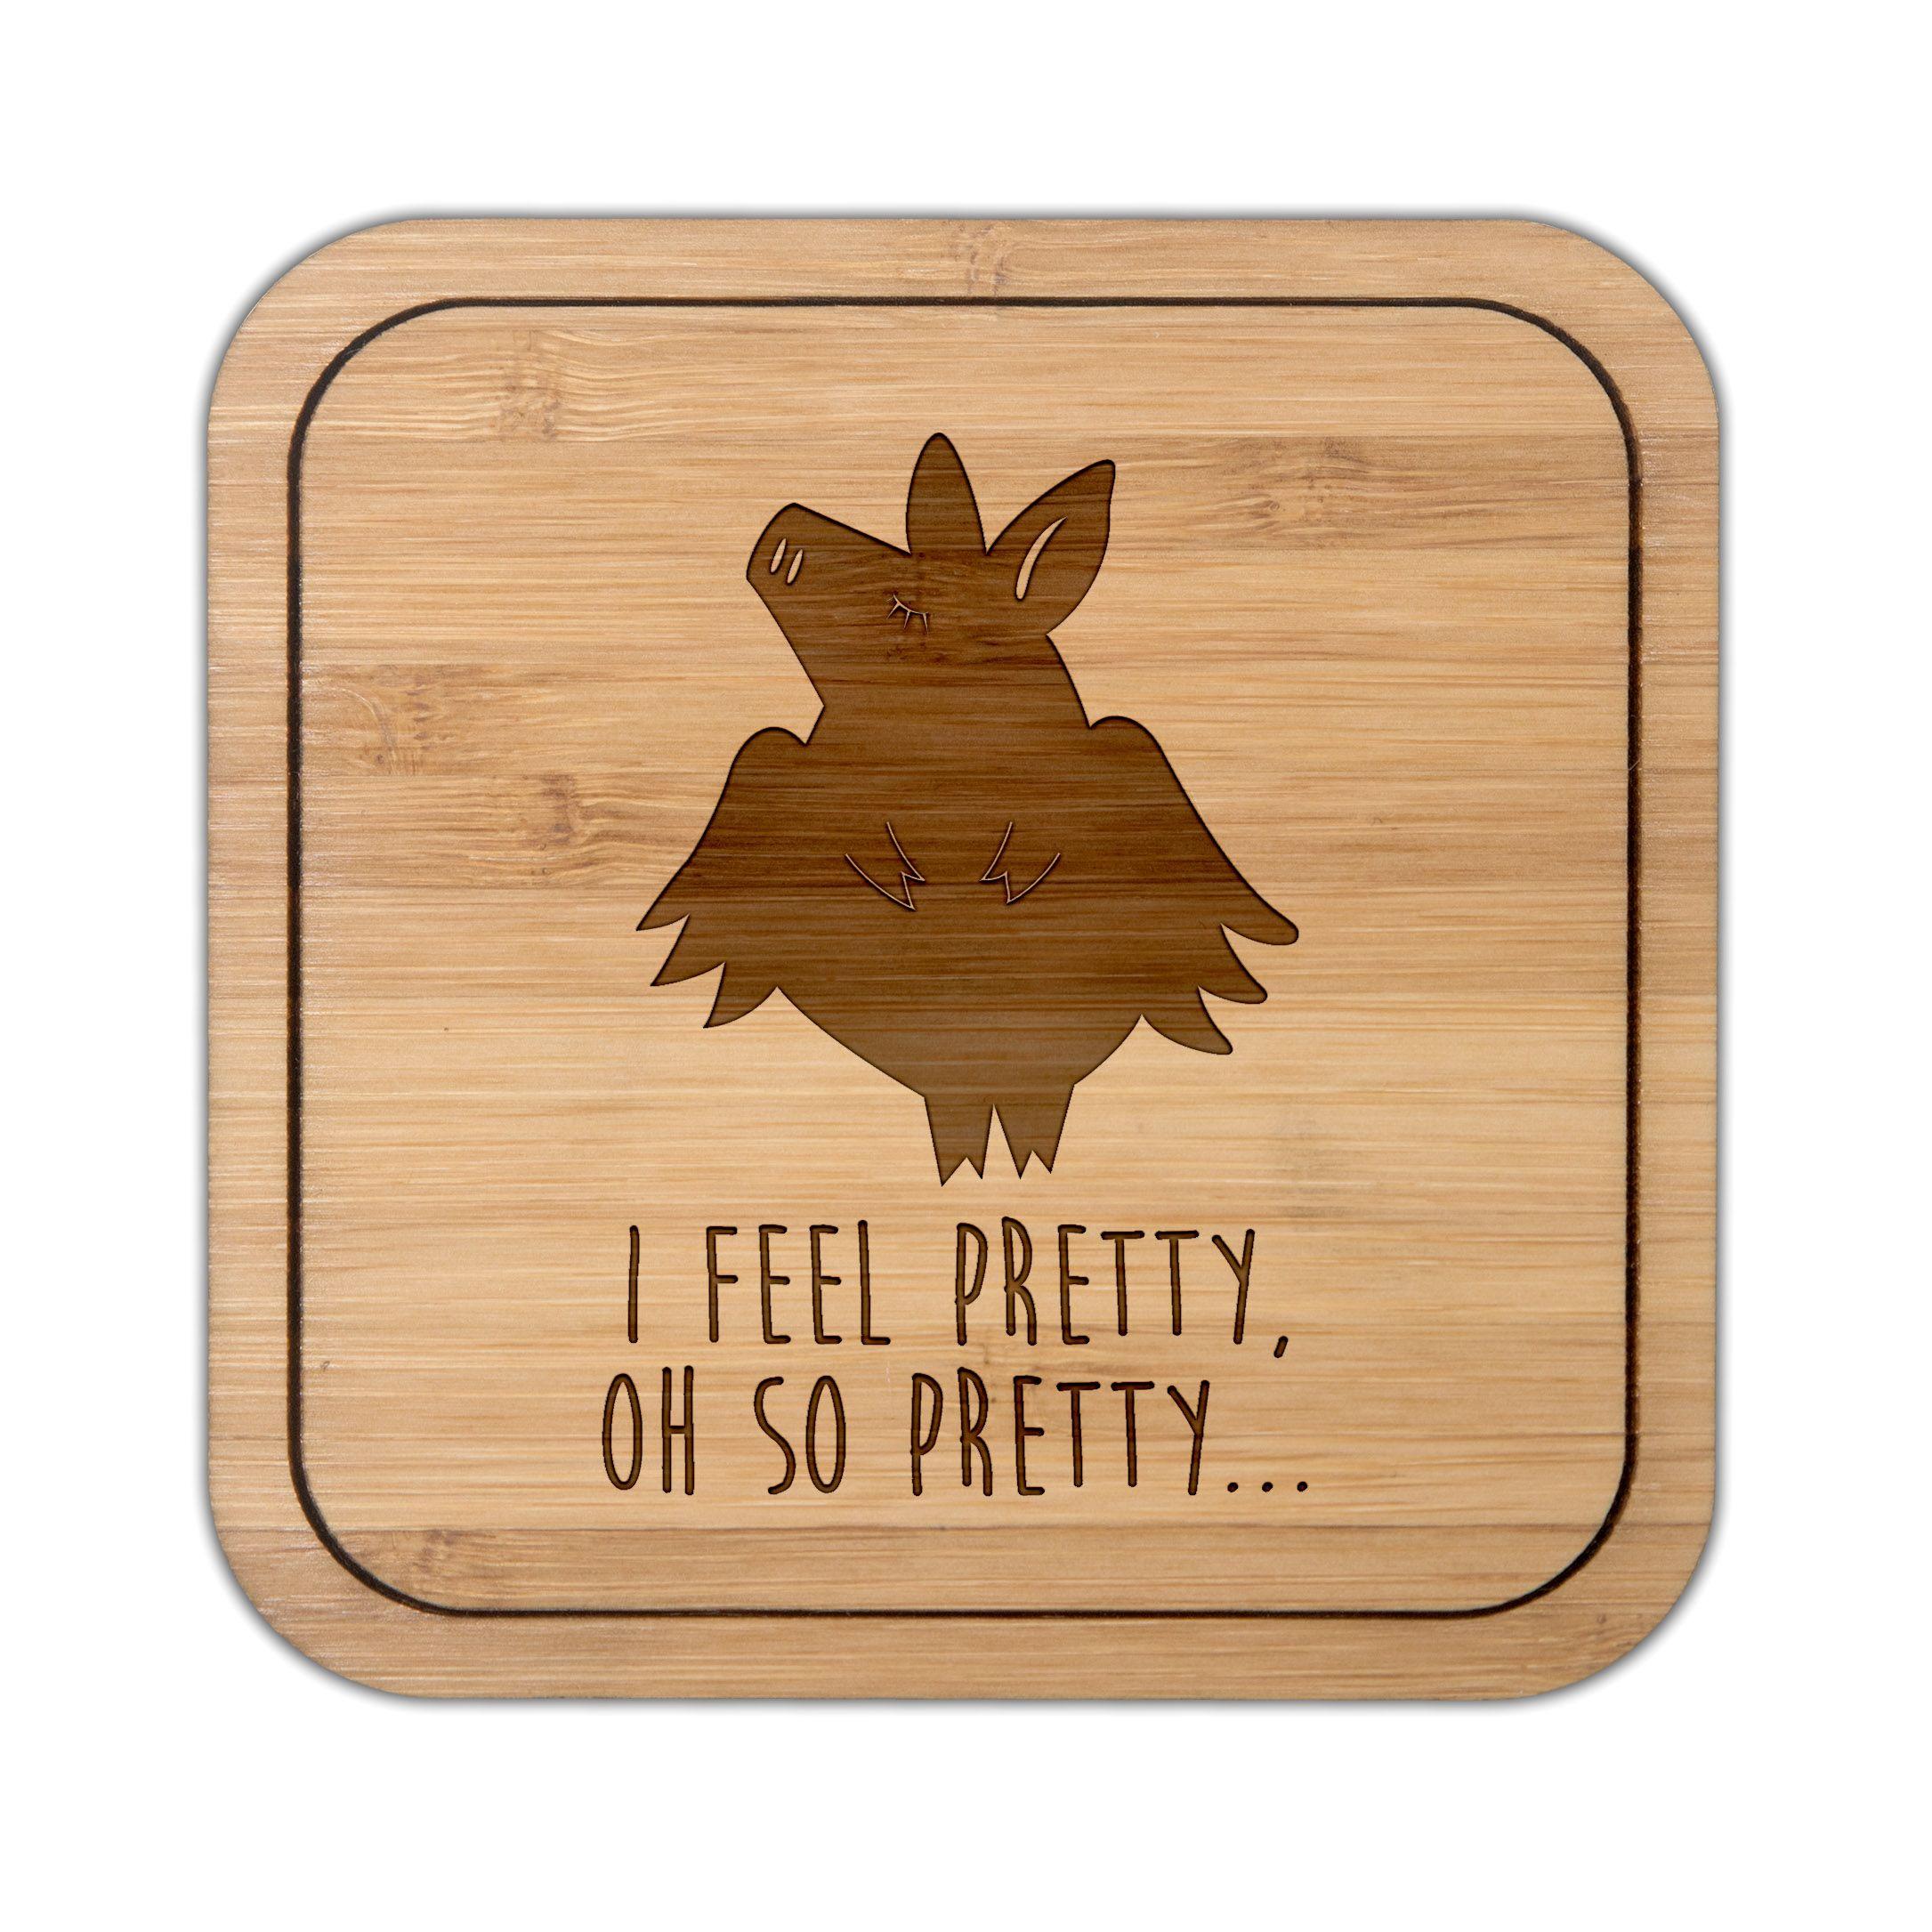 Untersetzer quadratisch Genießerglücksschwein aus Bambus  Coffee - Das Original von Mr. & Mrs. Panda.  Diese quadratischen Untersetzer mit abgerundeten Kanten sind ein besonderes Highlight auf jedem Esstisch. Jeder Gläser Untersetzer wurde mit viel Liebe handgefertigt und alle unsere Motive sind mit besonders viel Hingabe von unserer Designerin gestaltet worden.    Über unser Motiv Genießerglücksschwein  Das Schwein steht als Symbol für Glück, deshalb sind Schweine als Glücksbringer sehr…